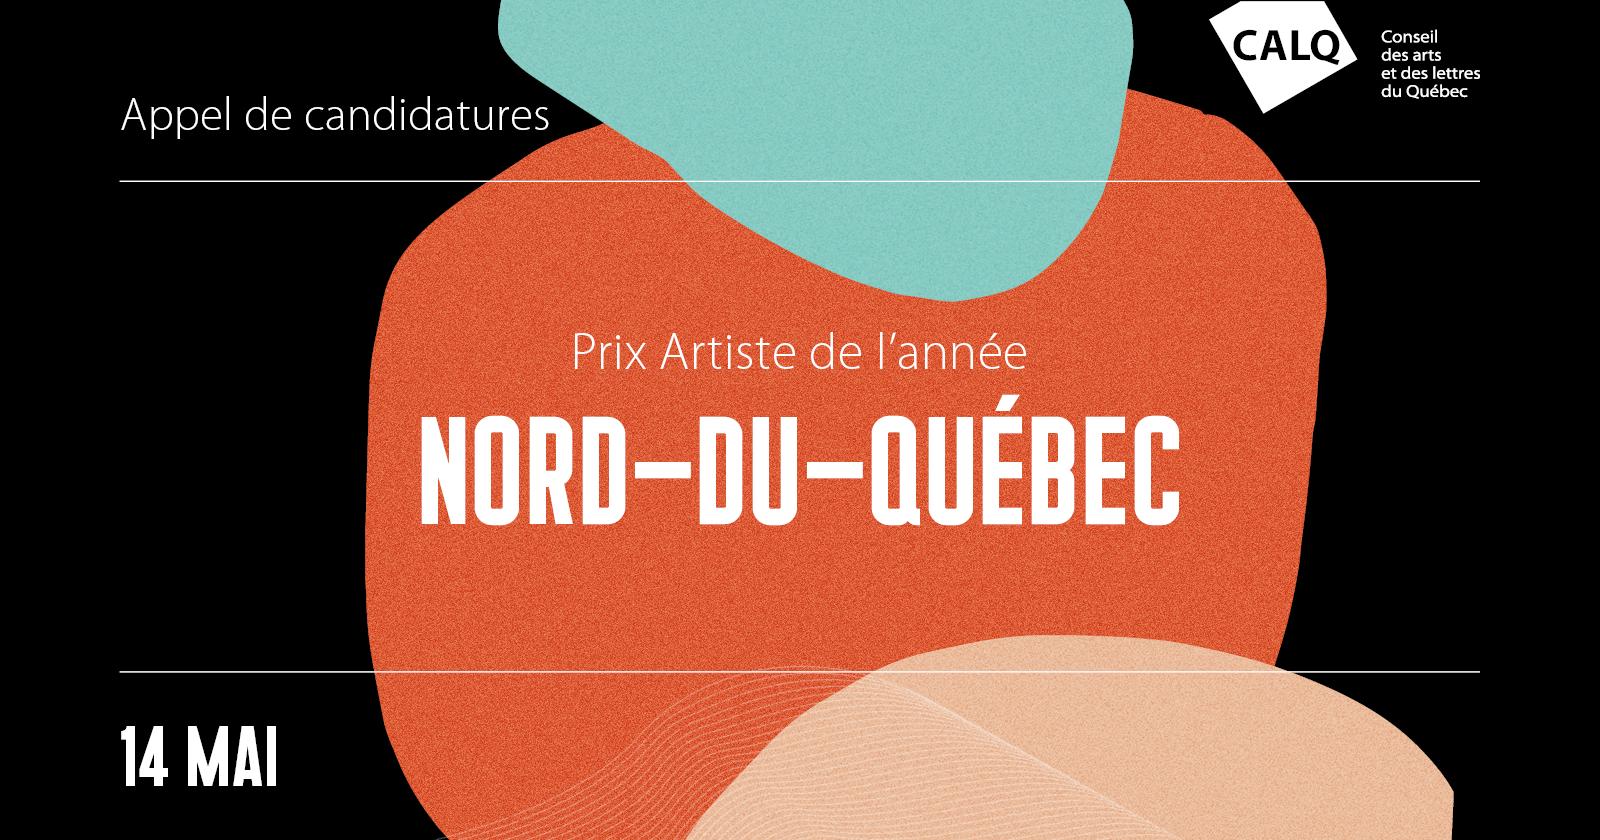 CALQ_AppelPrixArtiste_Nord-du-Quebec_1200x630